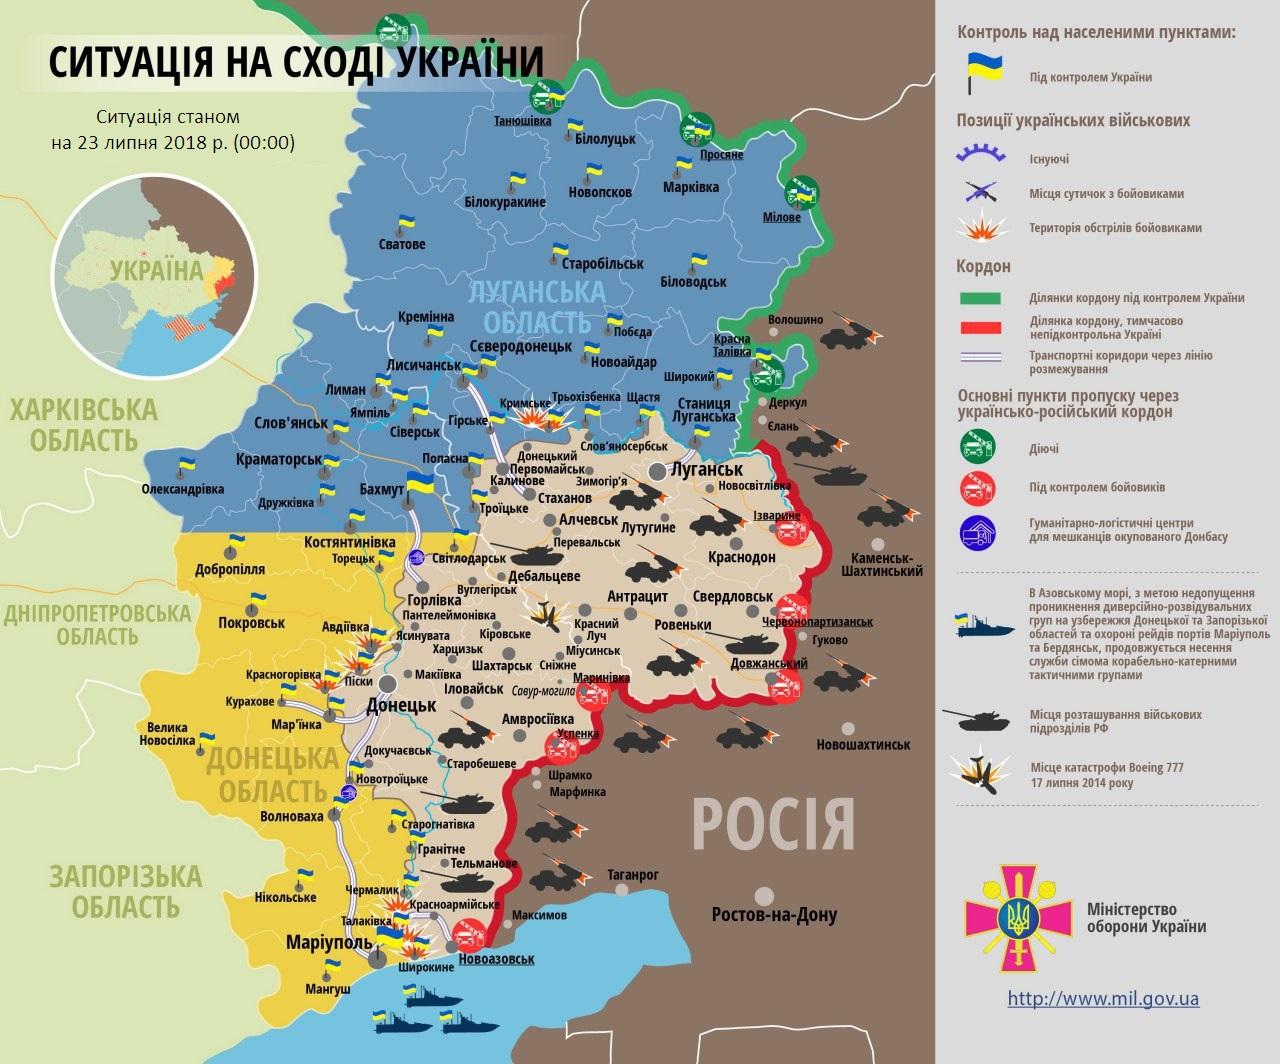 Карта ООС расположения сил и средств ВСУ и террористов на Донбассе от 23.07.2018